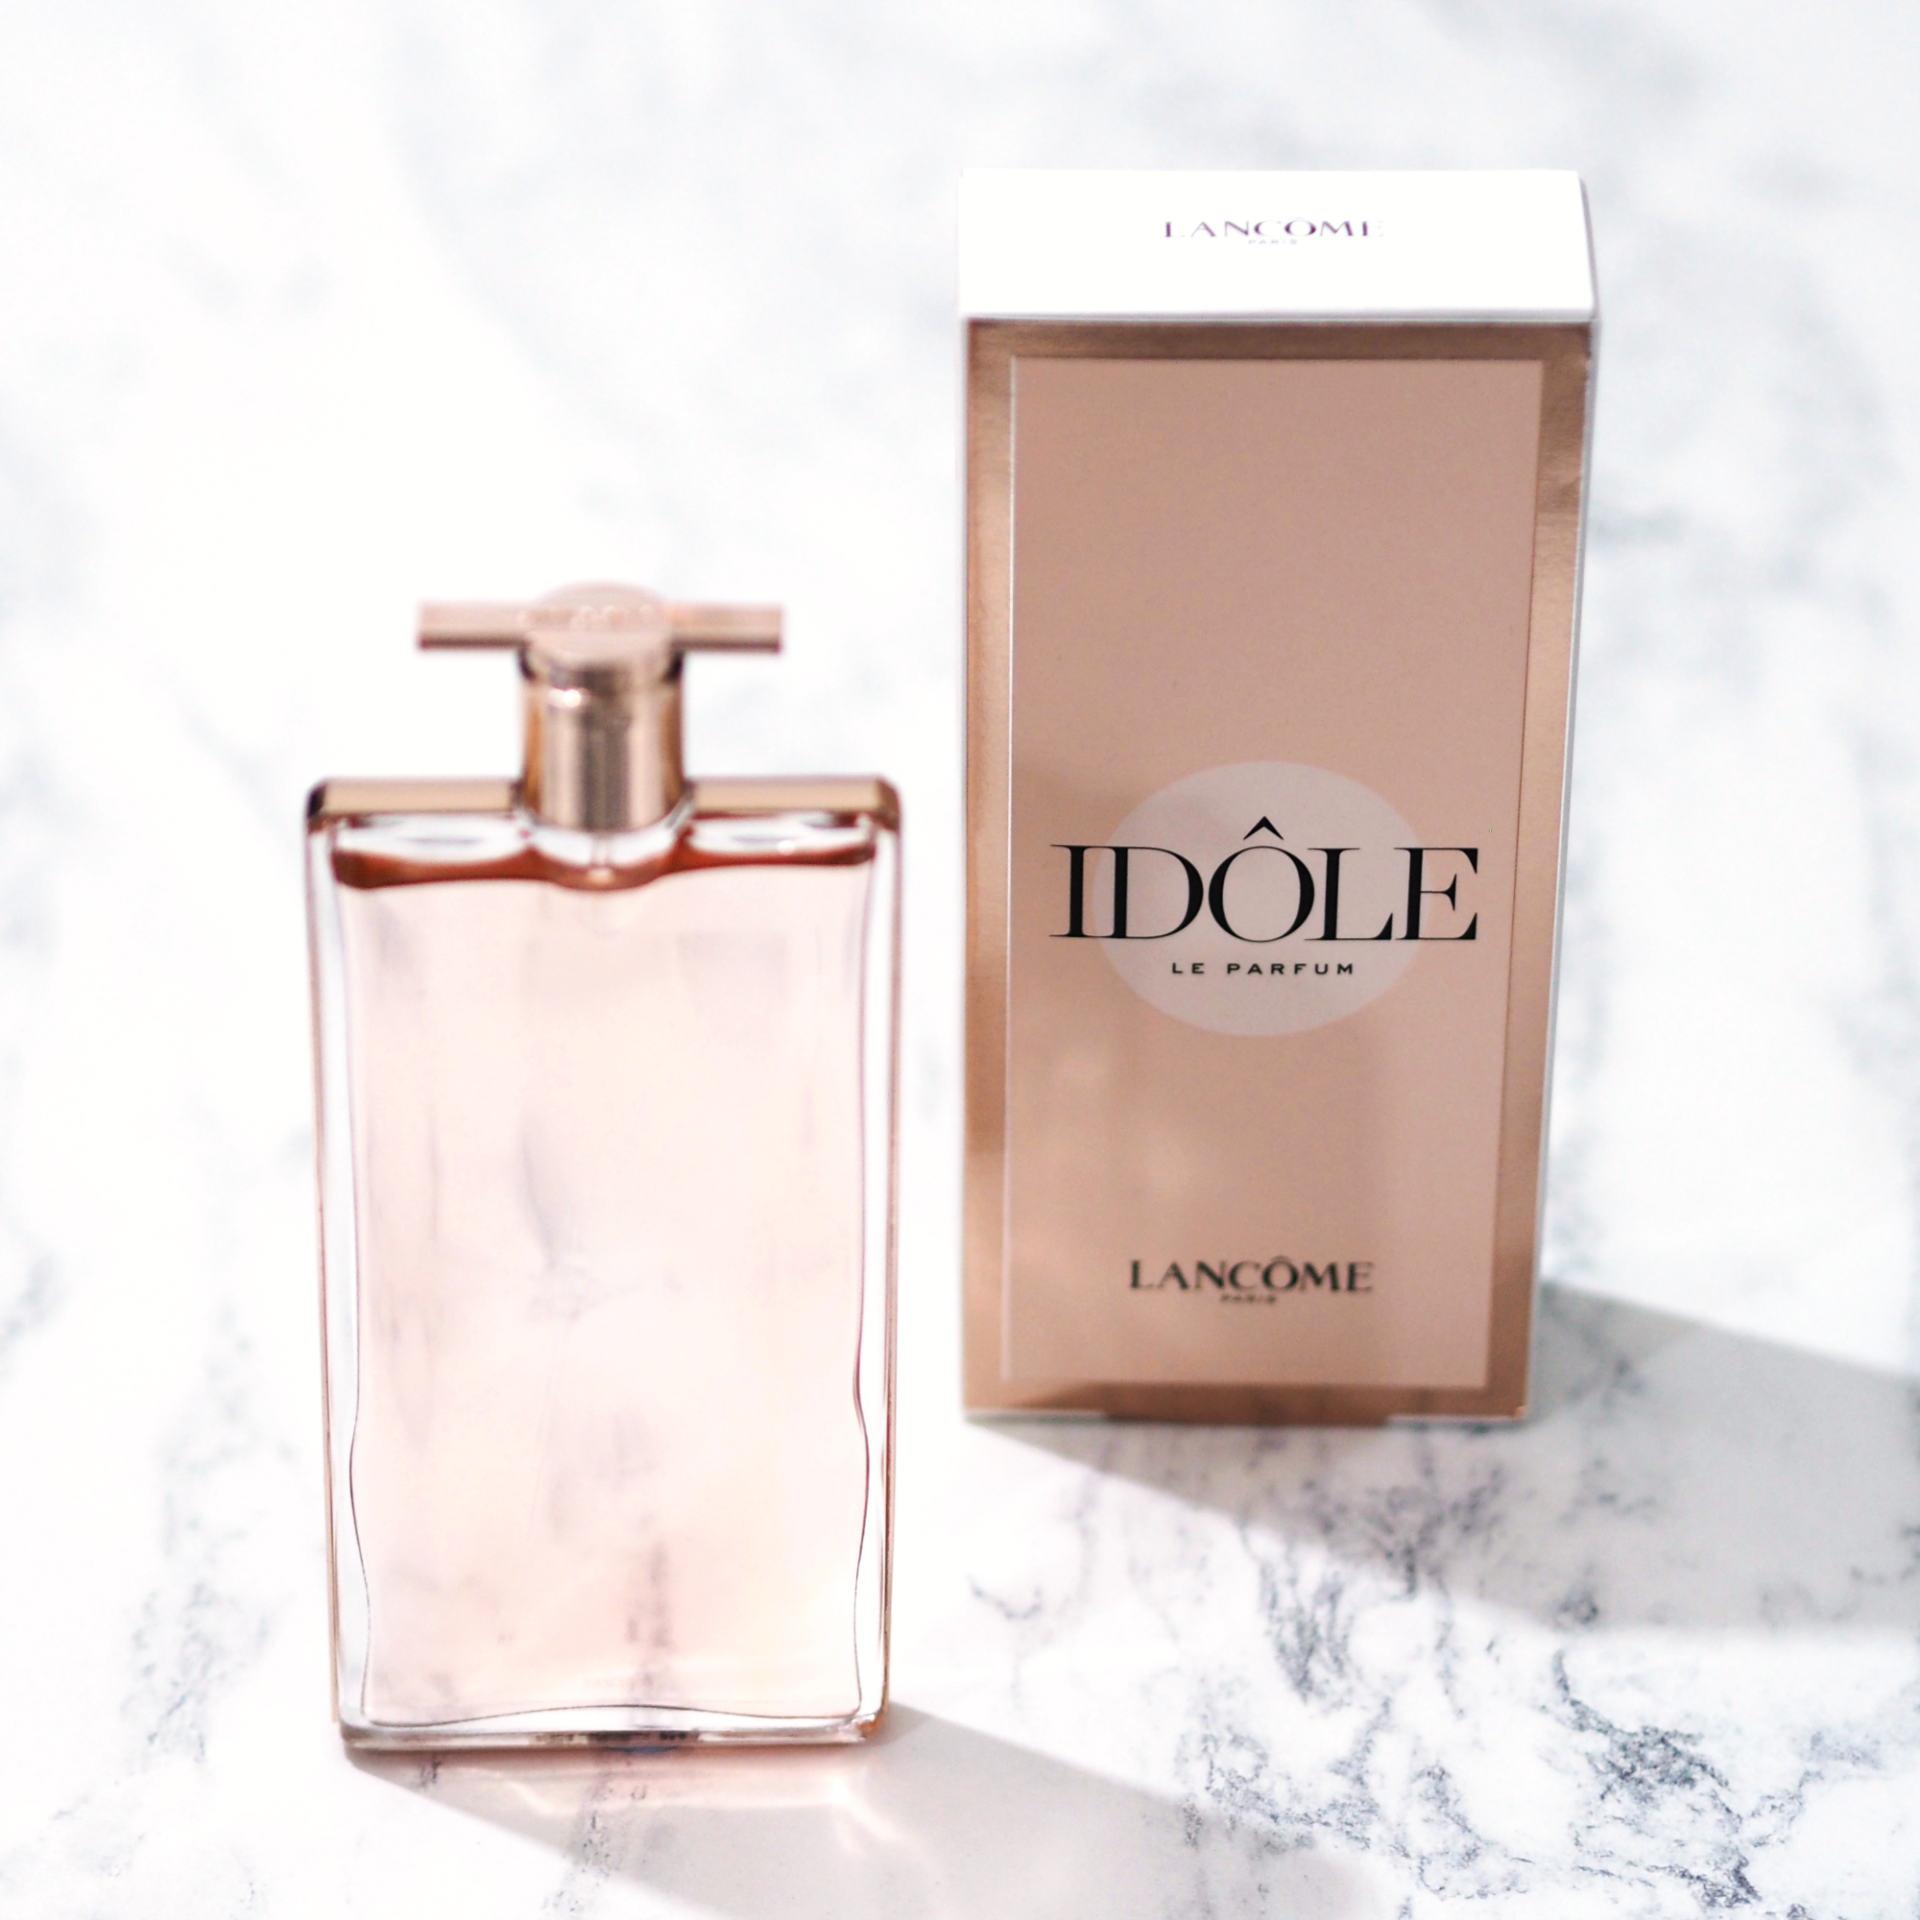 Lancôme Idôle Eau de Parfum Review